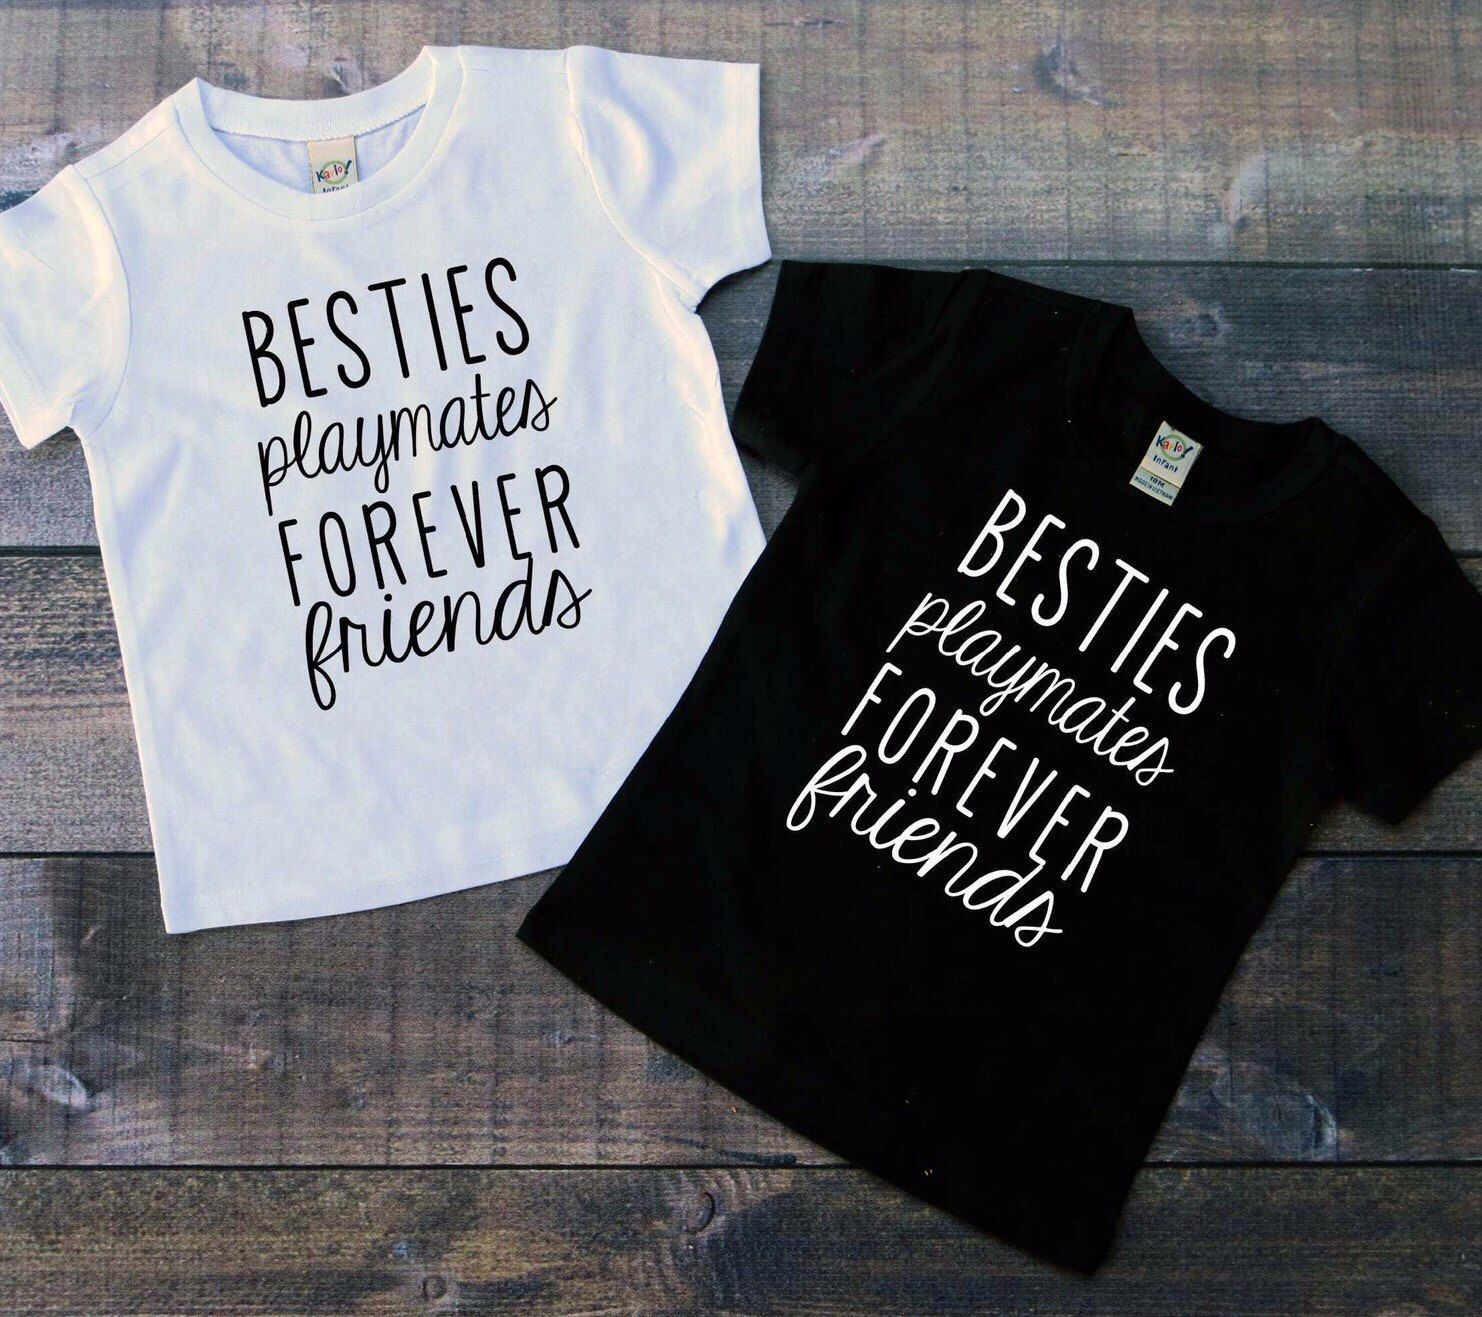 cf7e7b6cb18 Bestie shirt - best friend shirt - shirts for toddler girls - shirts for  girls -